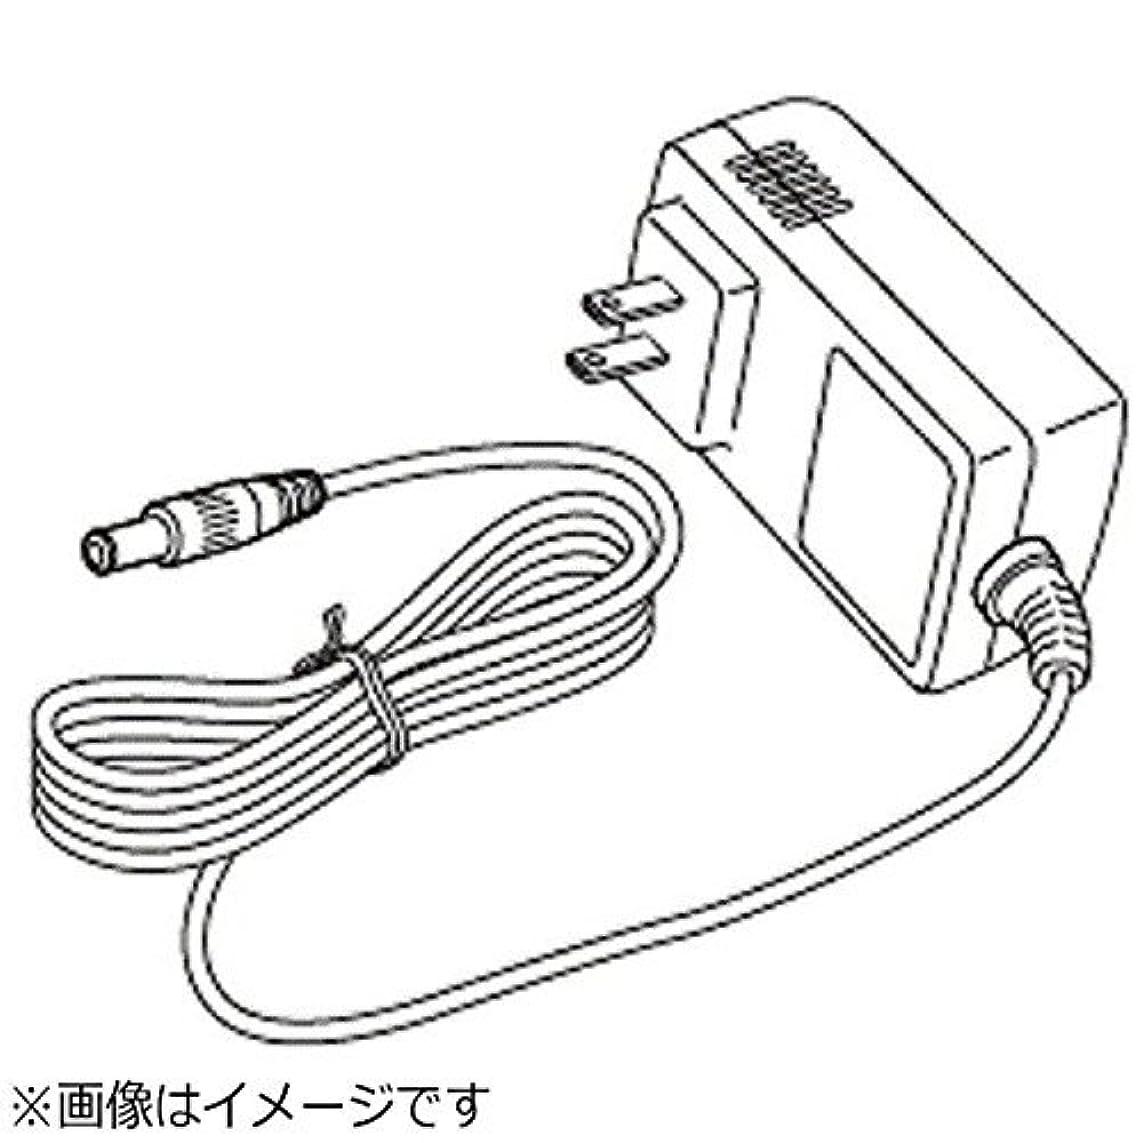 音節ブリリアント認めるオムロン マッサージャ専用 ACアダプタOMRON HM-141-AC2